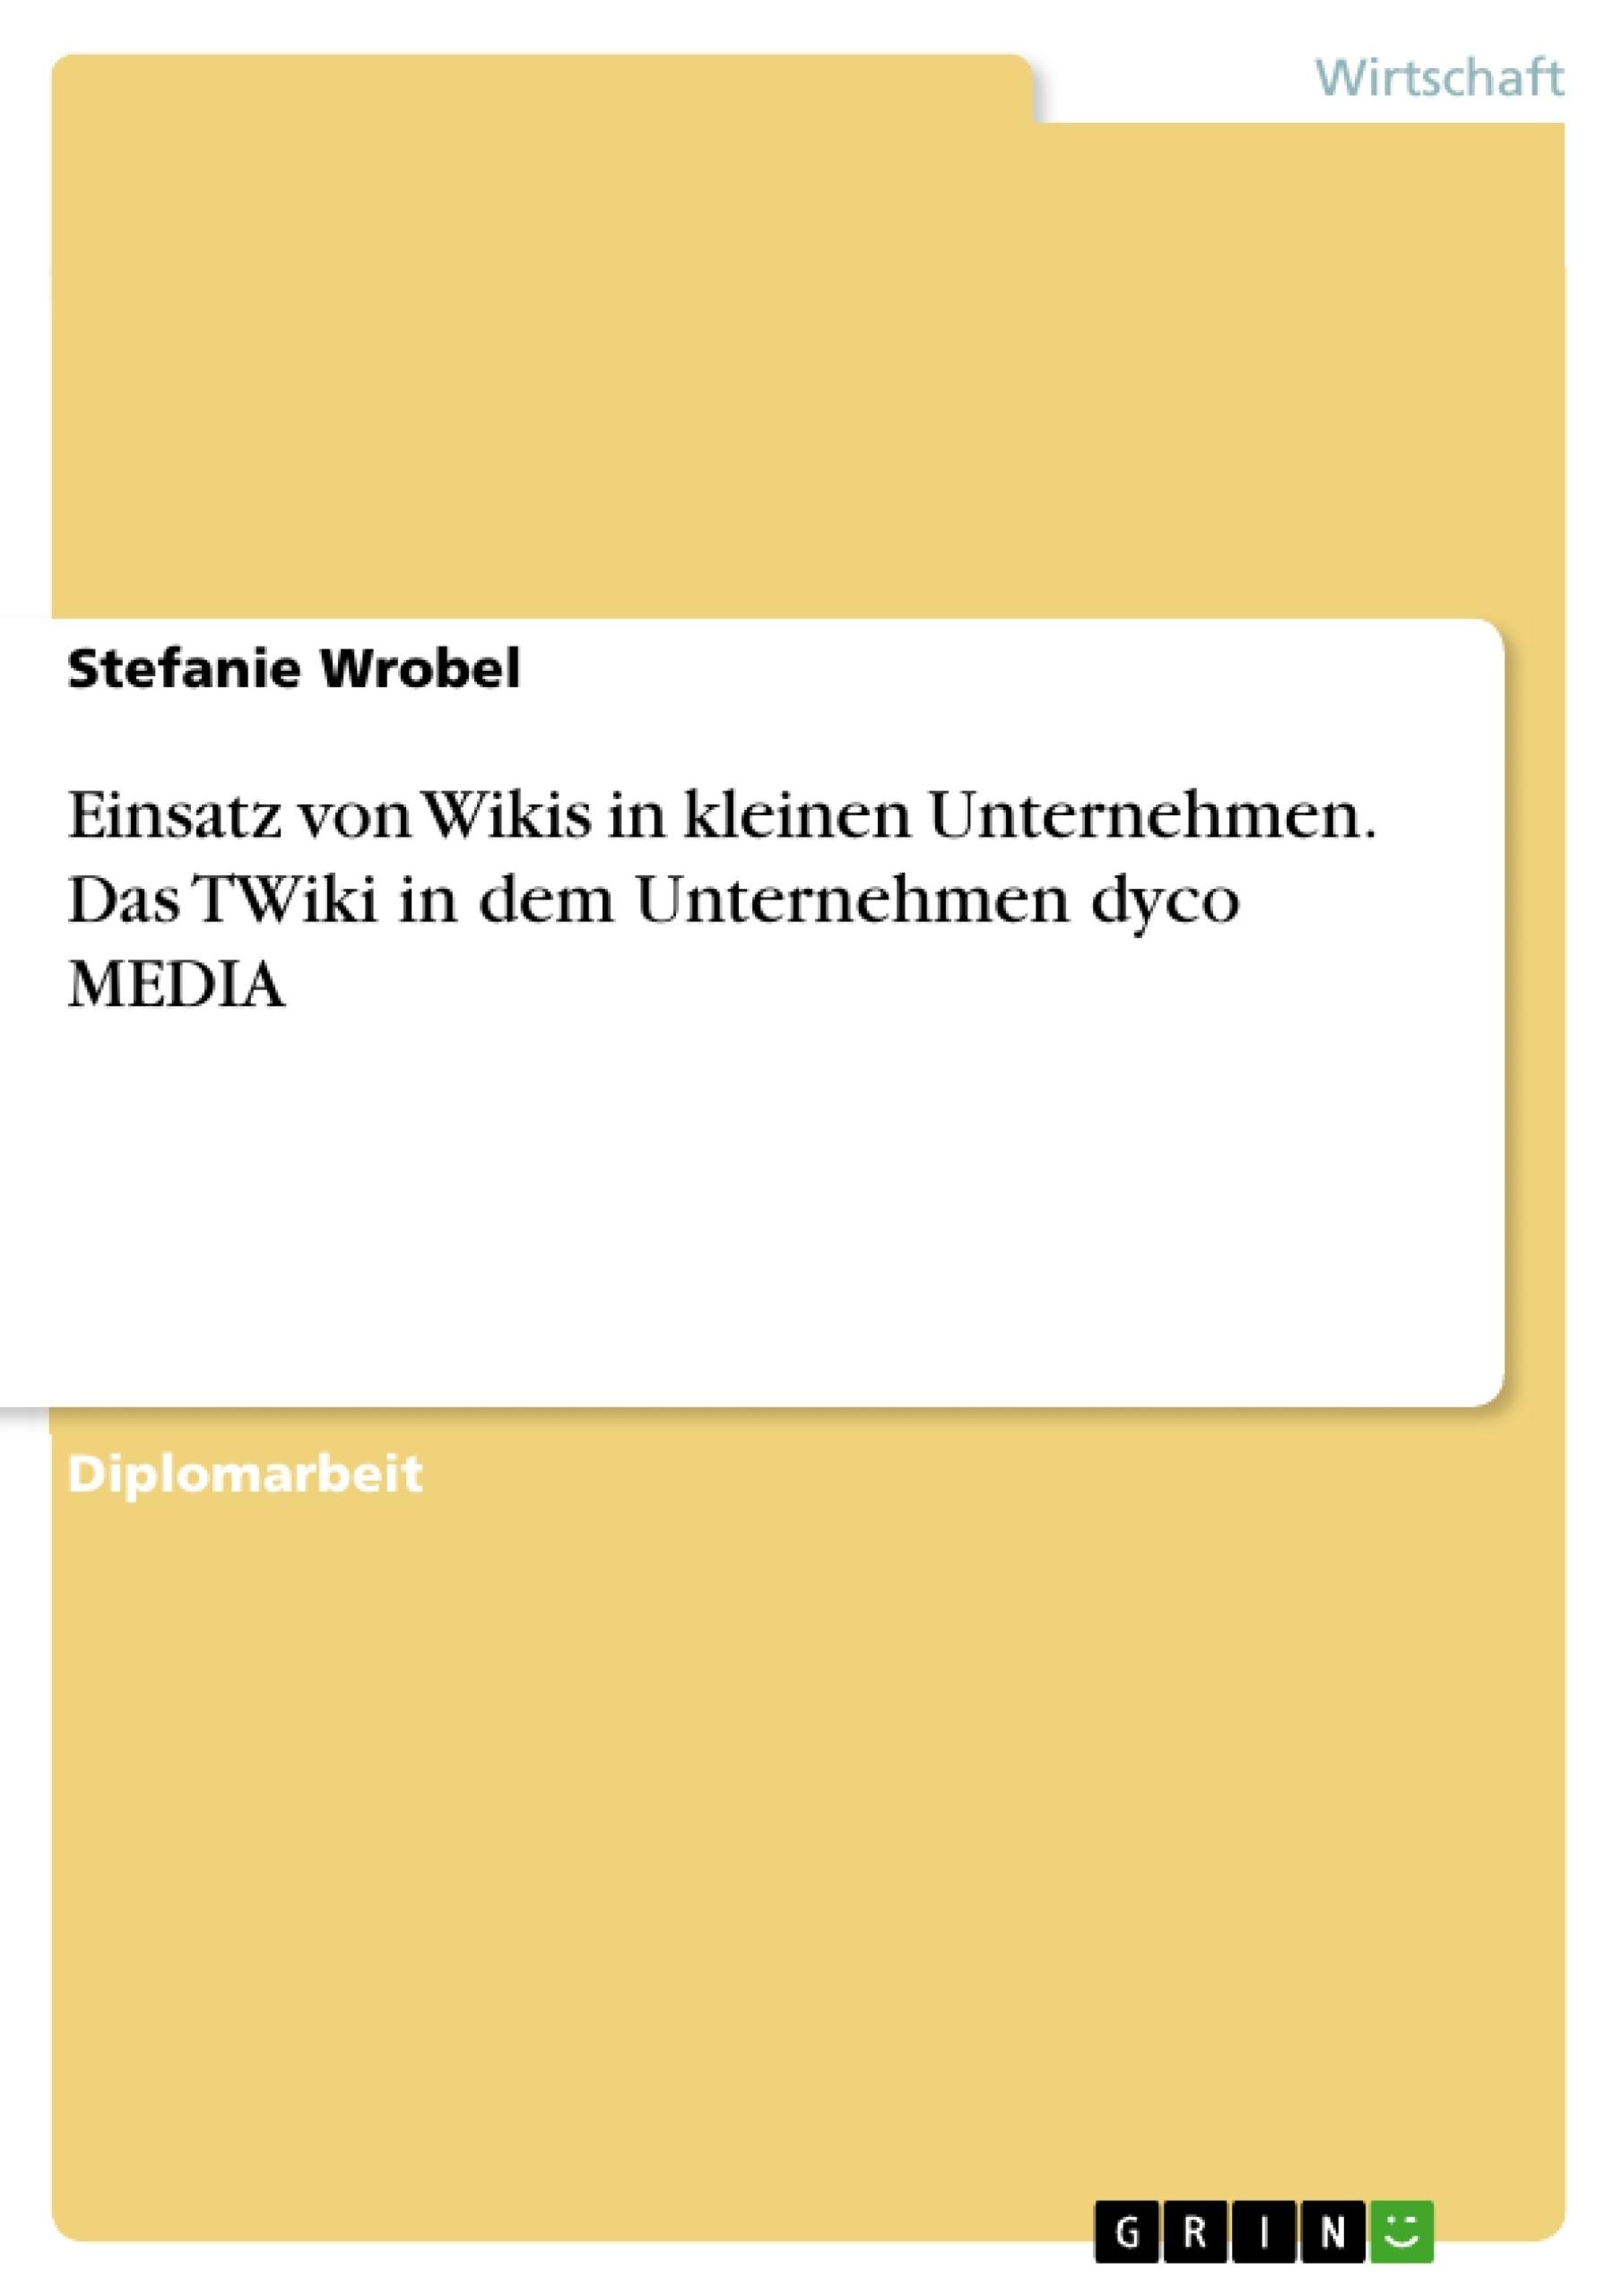 Titel: Einsatz von Wikis in kleinen Unternehmen. Das TWiki in dem Unternehmen dyco MEDIA